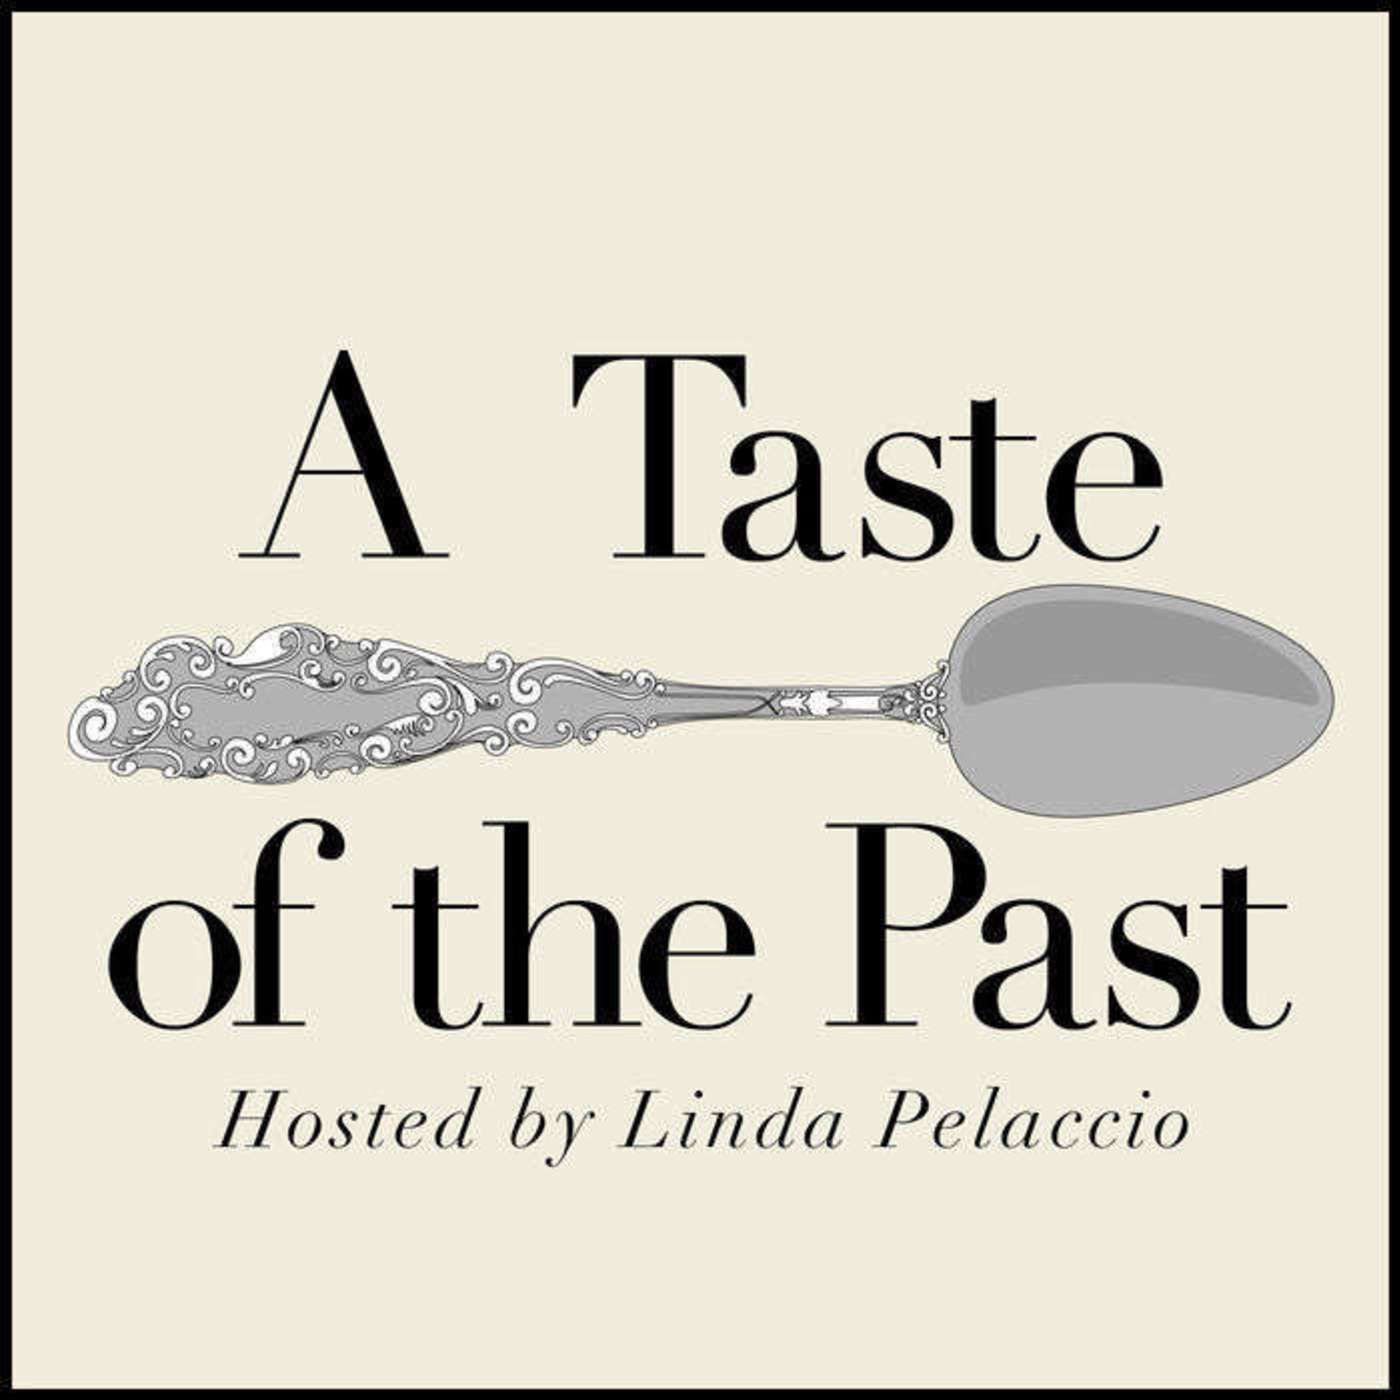 Episode 204: Nordic Cuisine